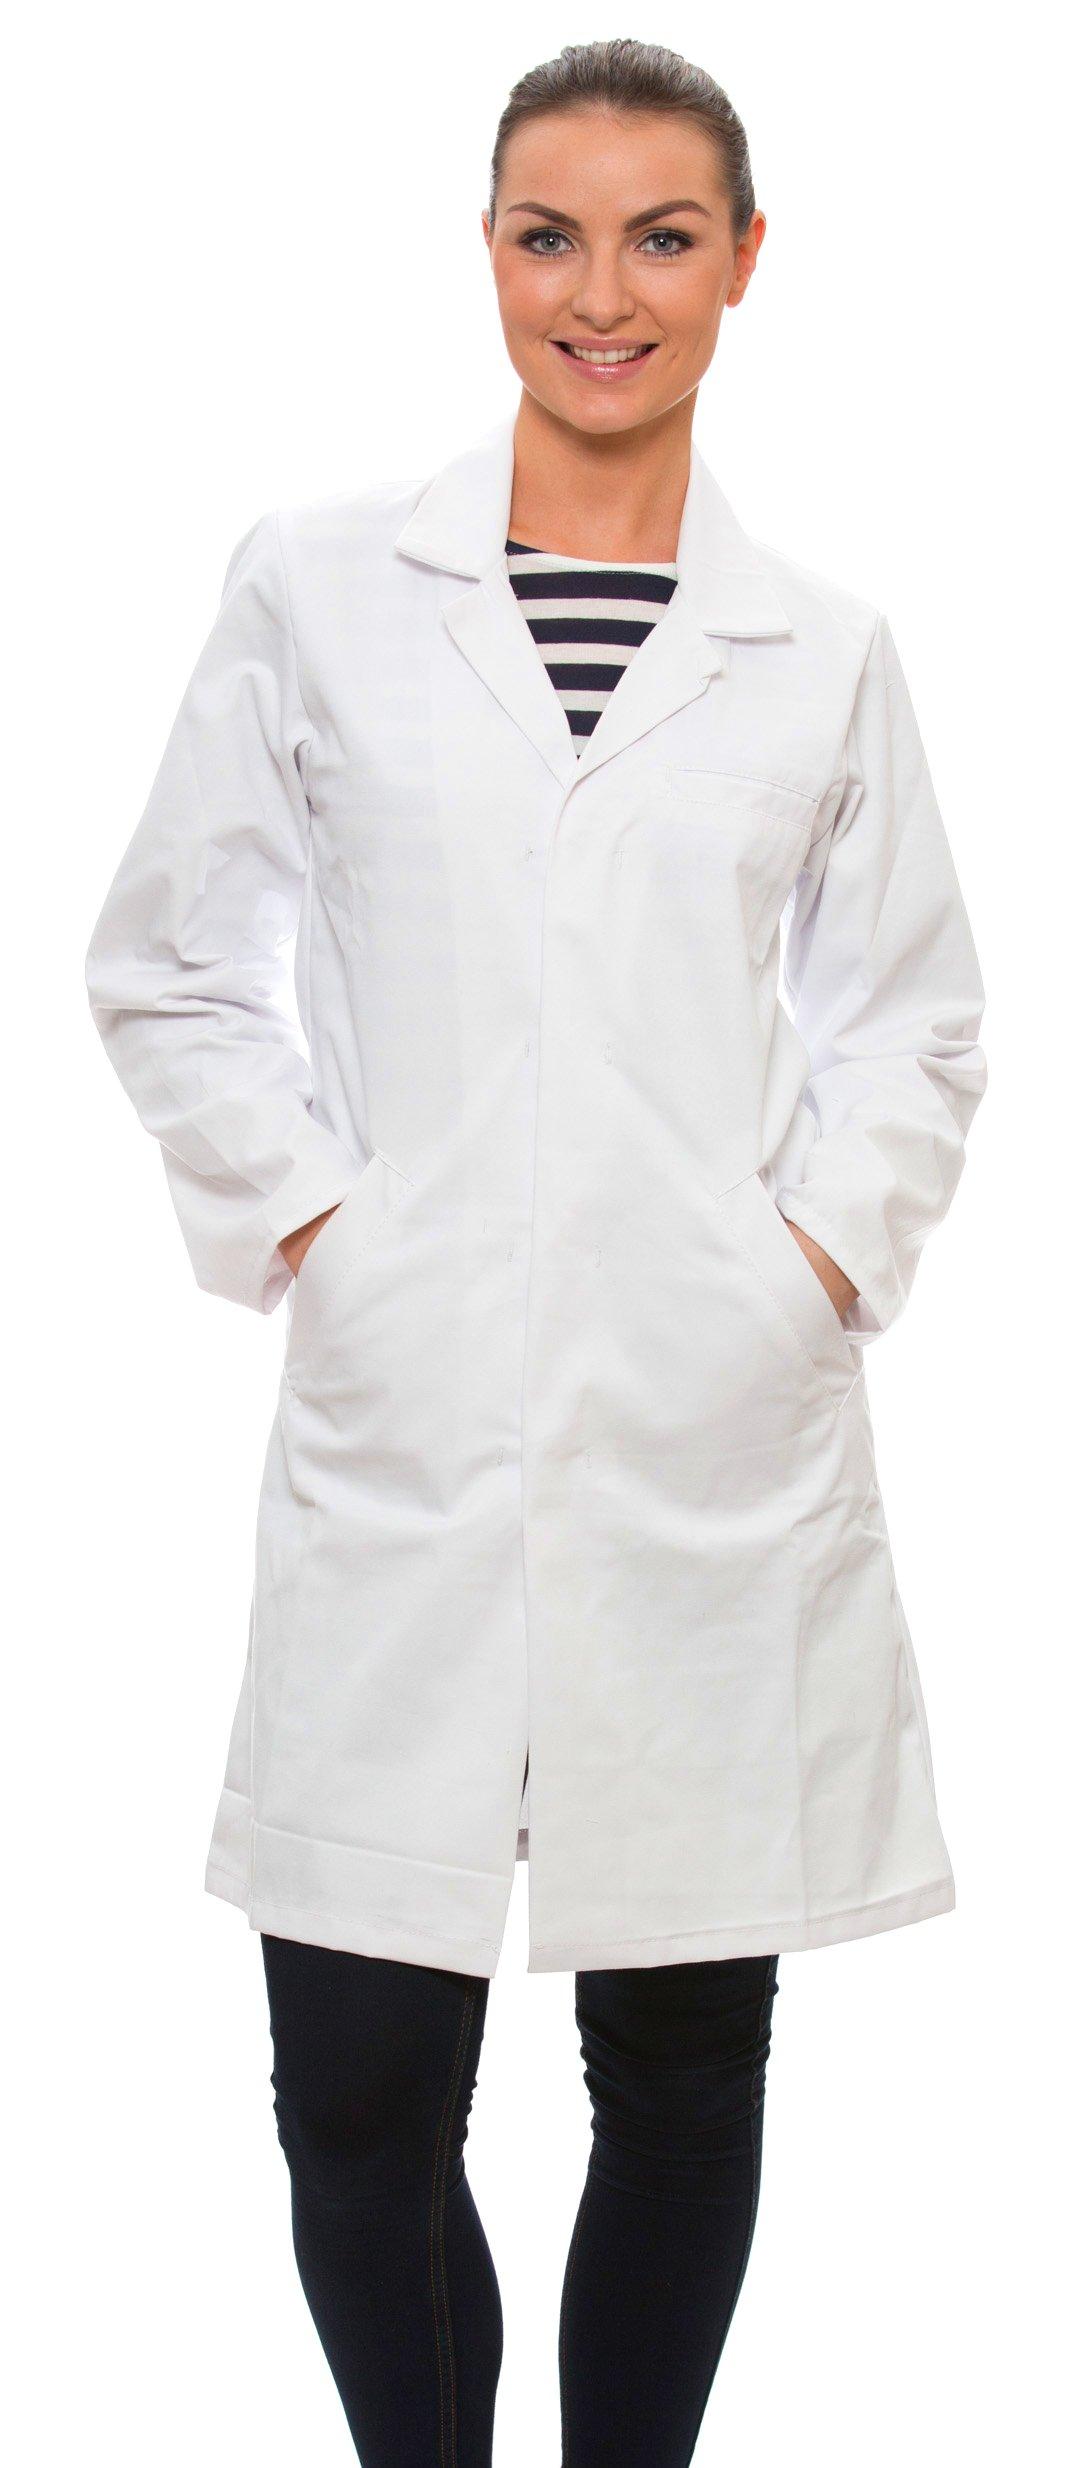 Dr. James Women's 100% Cotton White Lab Coat 39 Inch Length Size 4 US-04-B